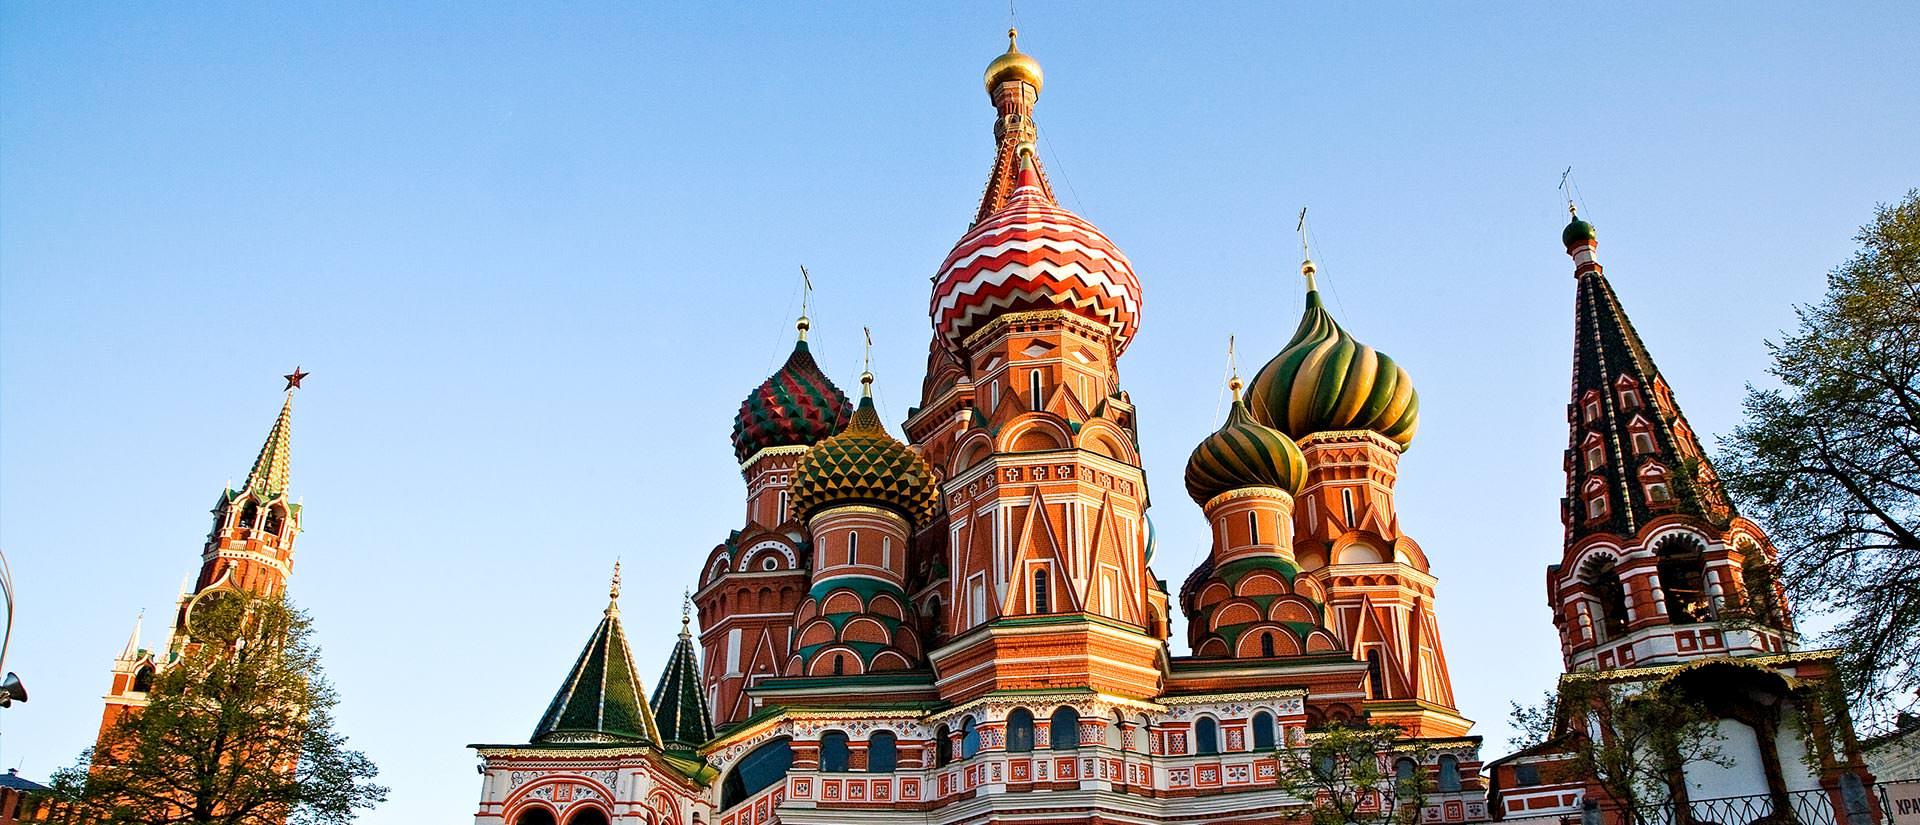 הכנסיה הרוסית - דת שיש לה מדינה